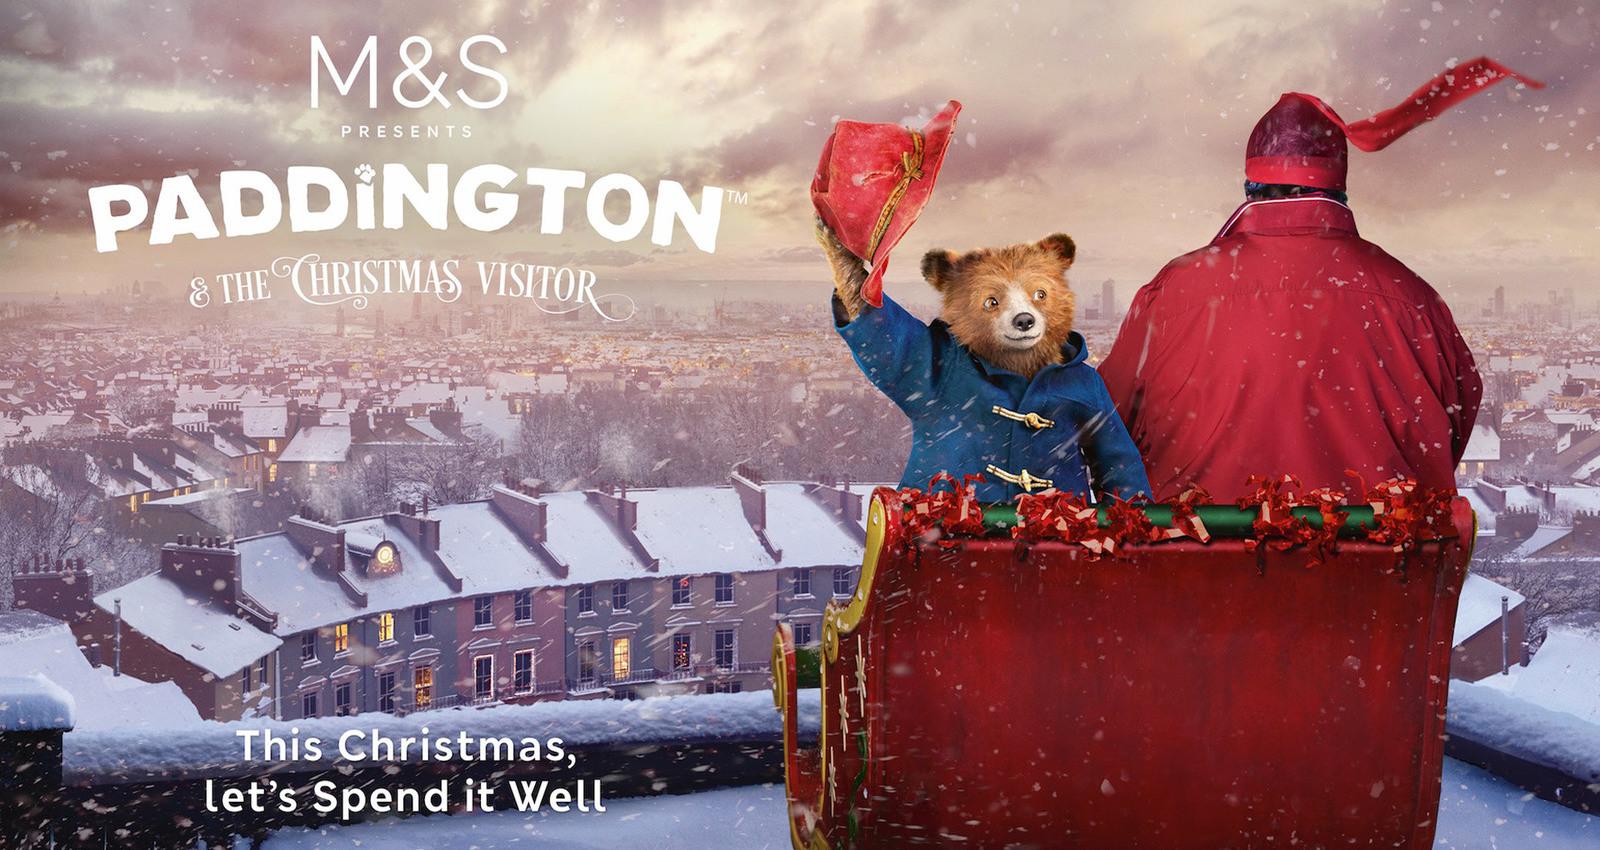 Paddington and the Christmas Visitor